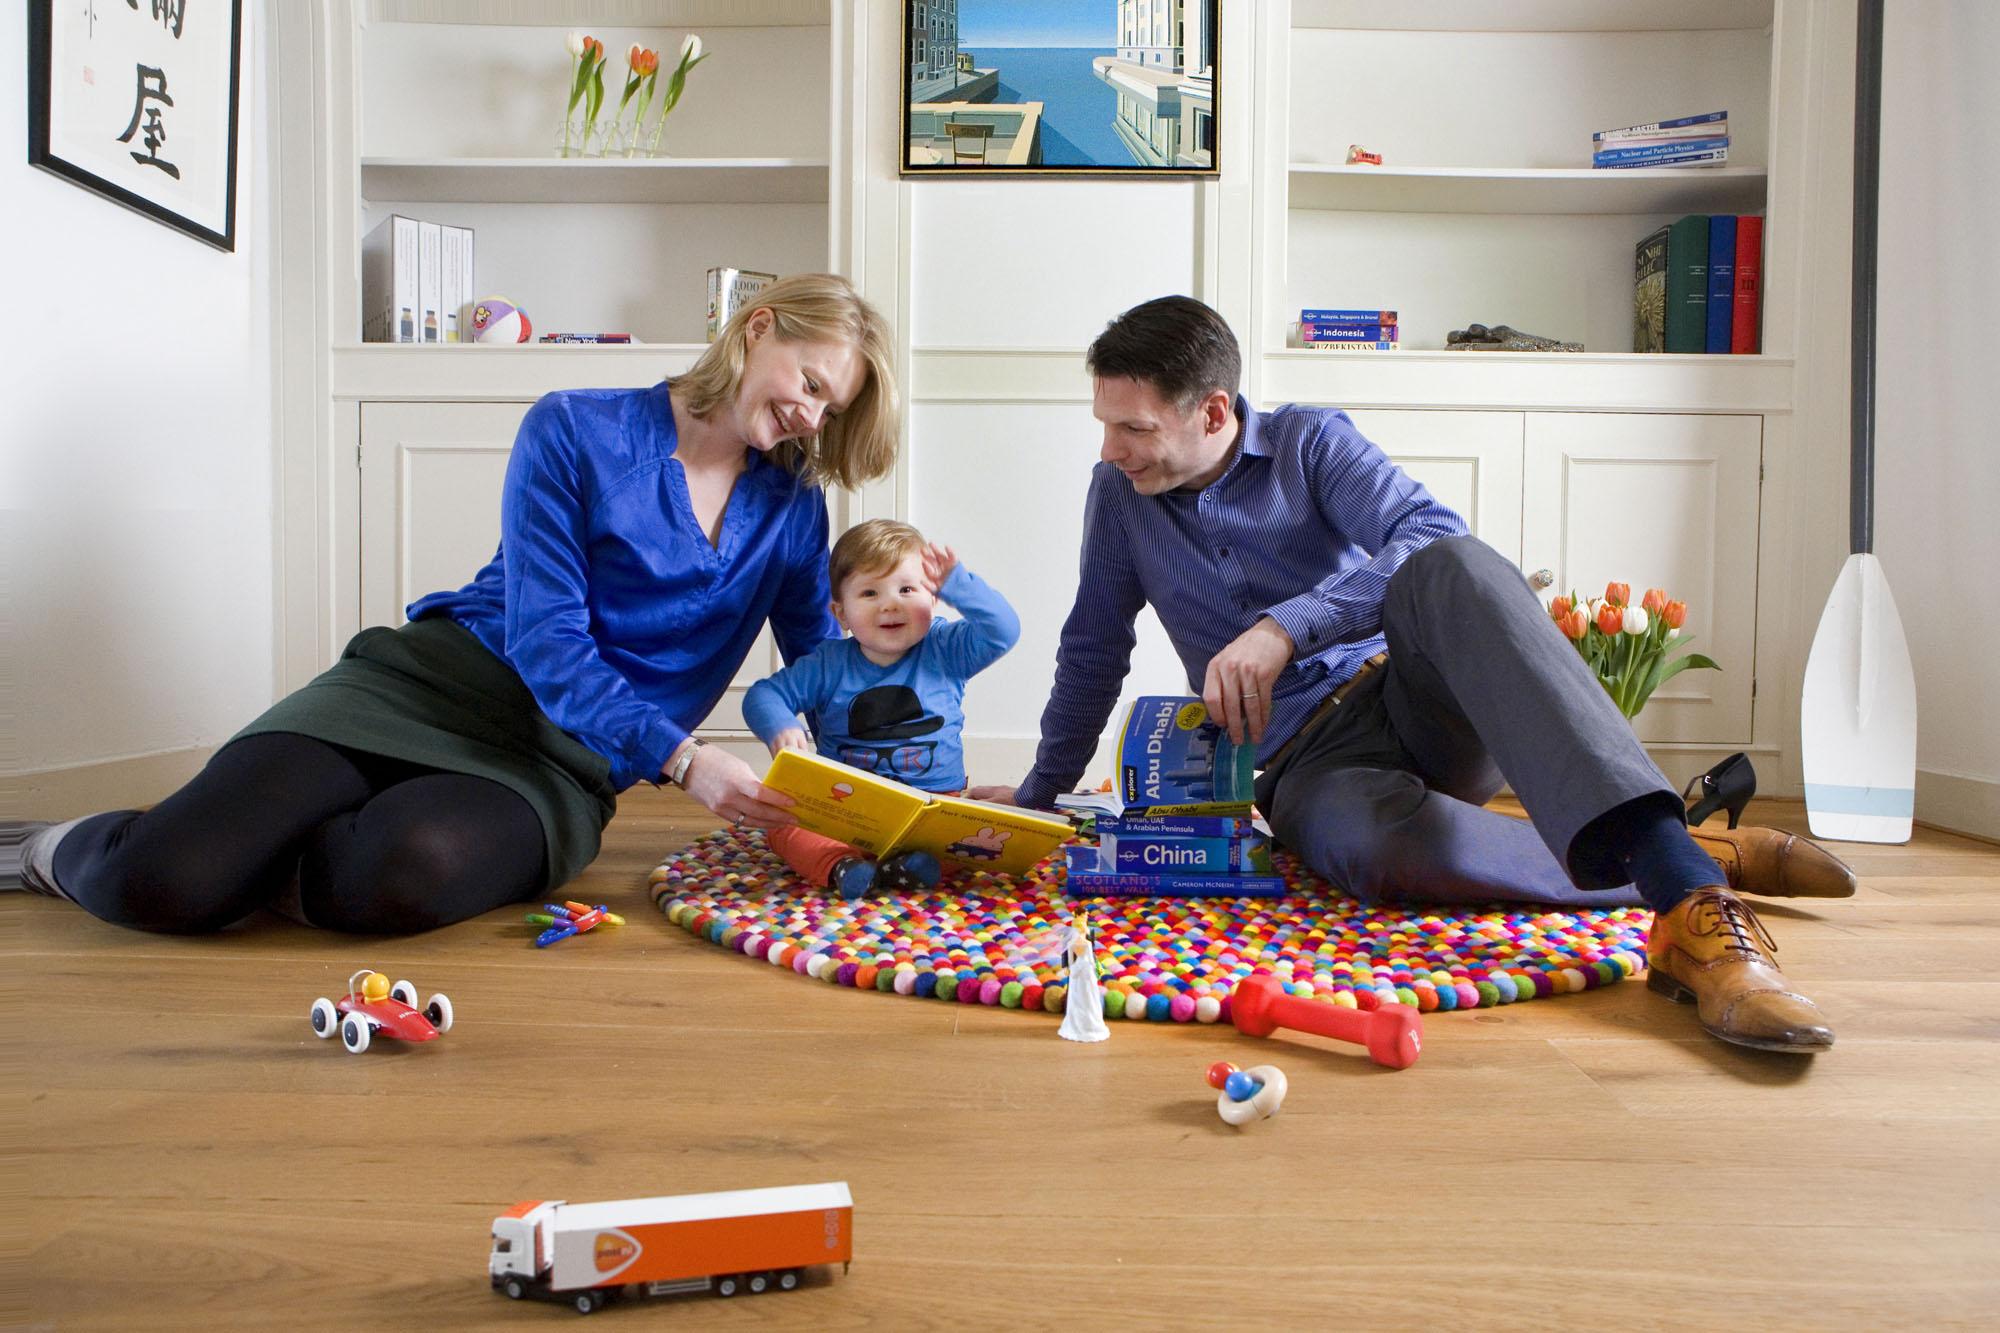 Foto gezinsportret familieportret met peuter binnen in woonkamer Den Haag